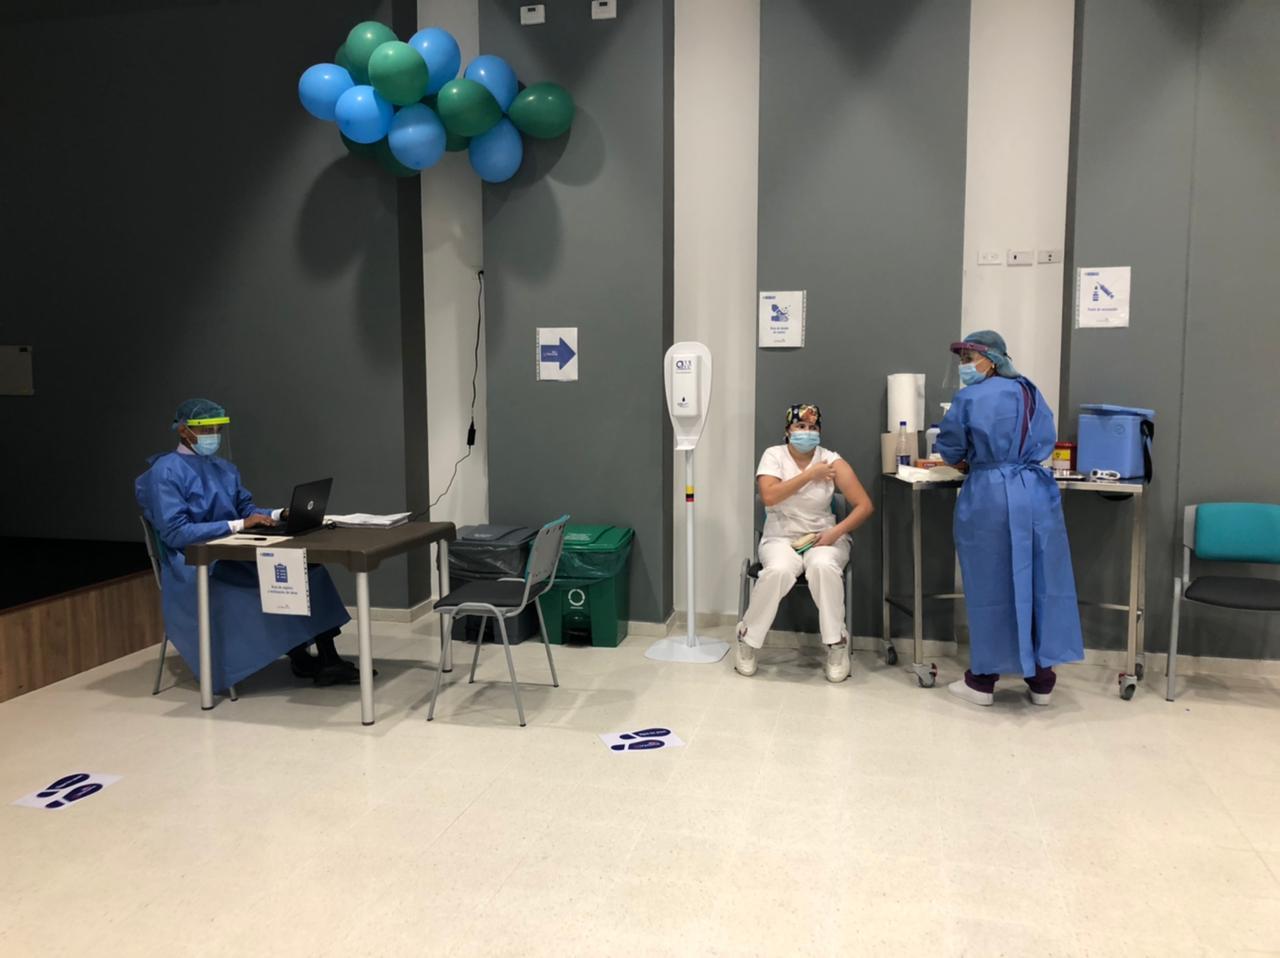 Avanza la vacunación contra el Covid: 1.032 nuevas dosis llegaron a Ibagué